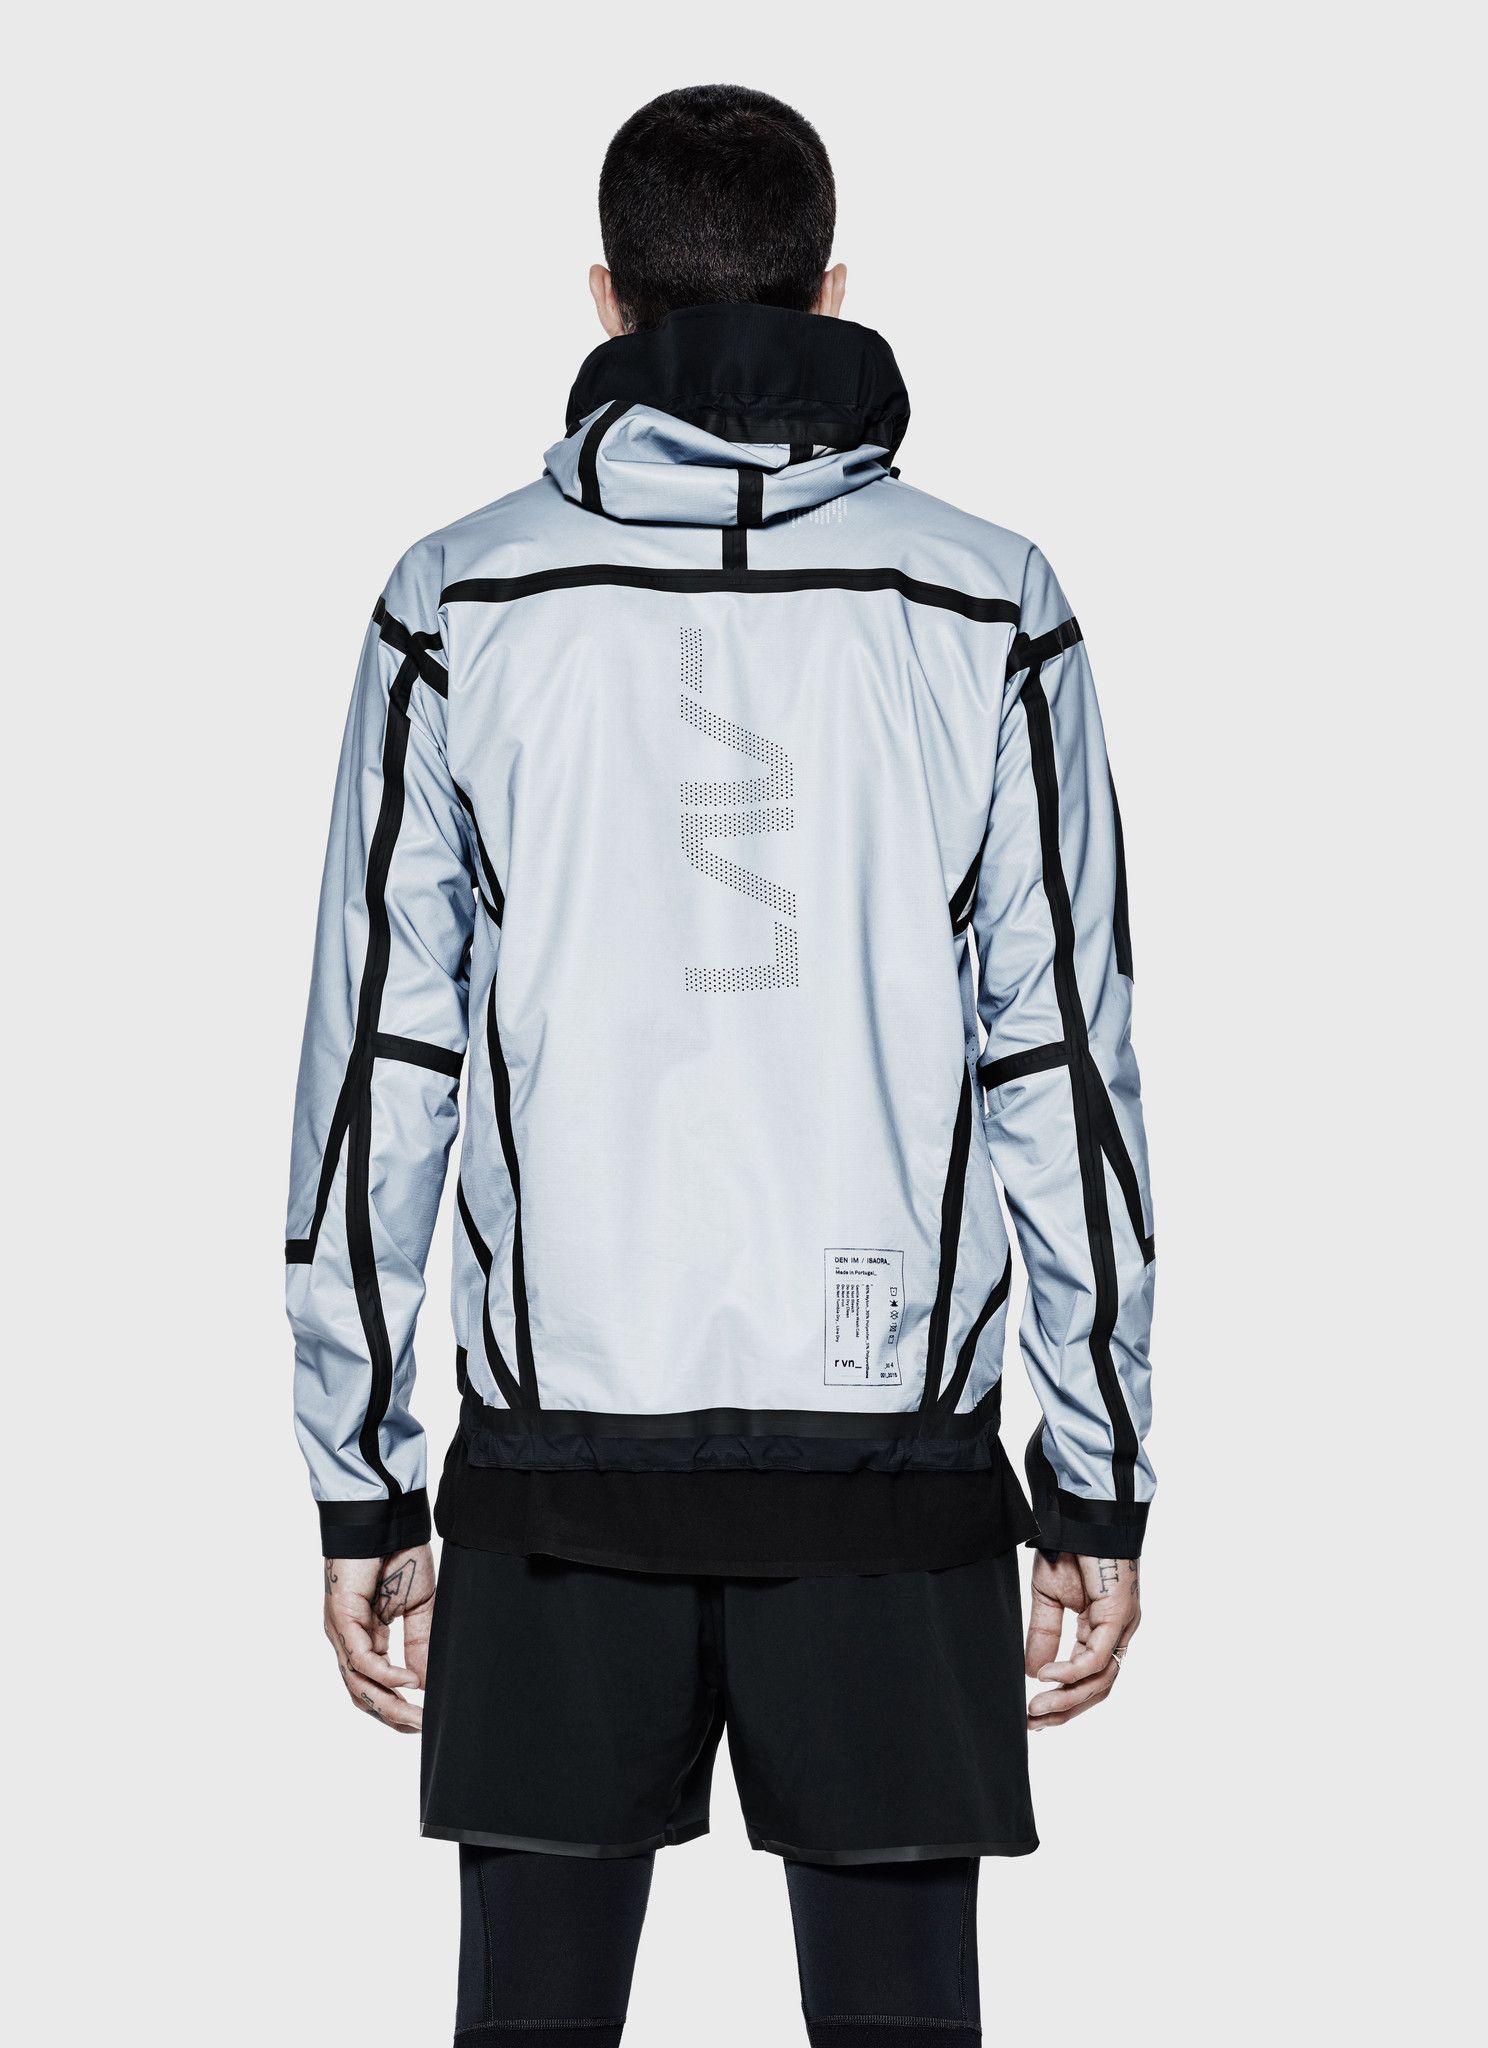 ISAORA   RVN 3L Running Jacket